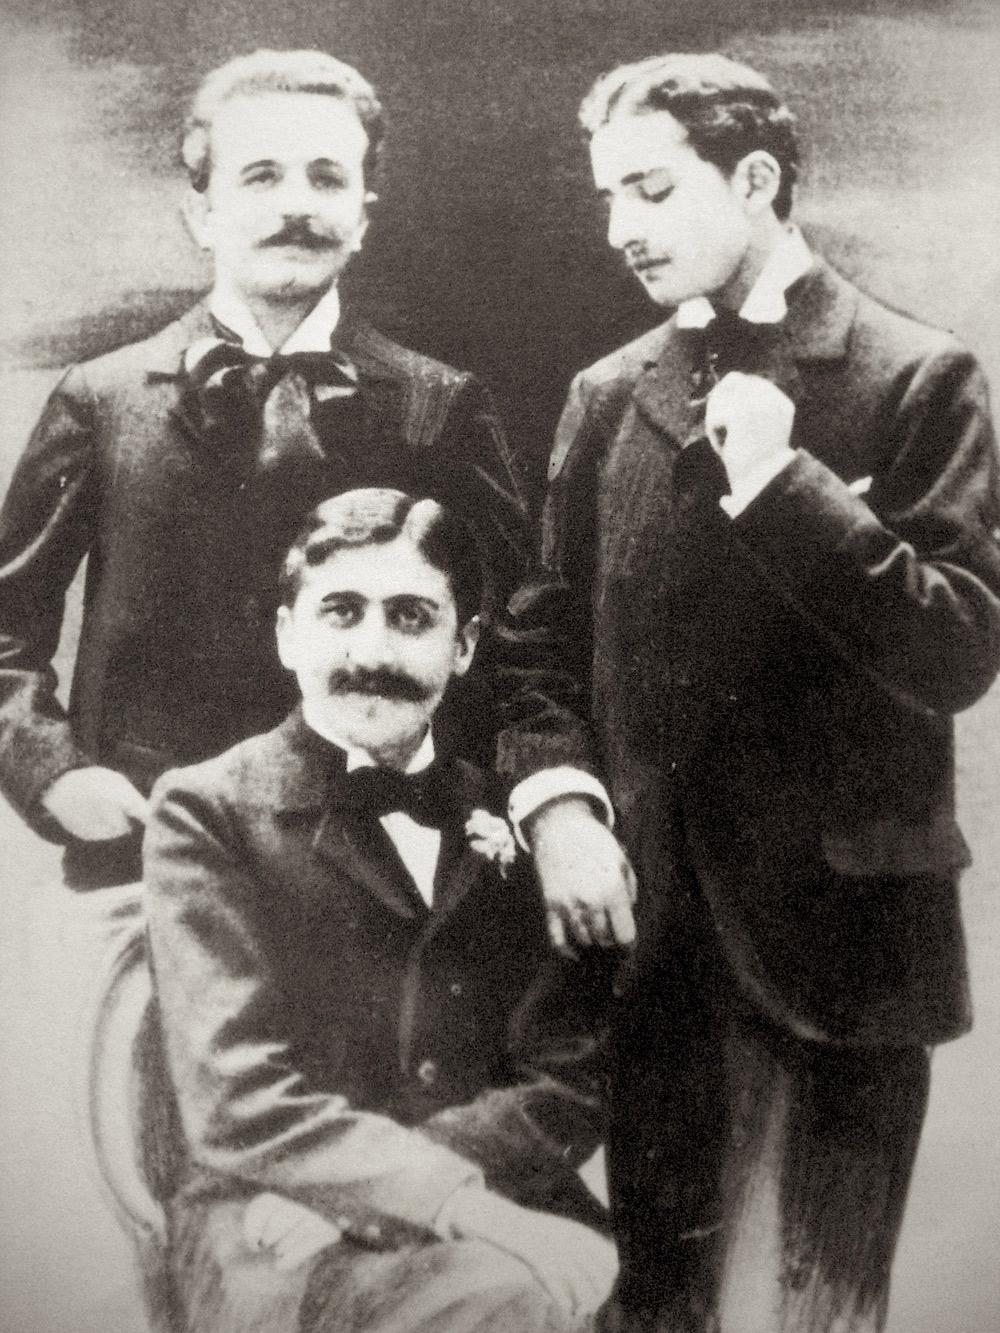 Fotografiet som skandaliserte Prousts mor: Marcel Proust (sittende), Robert de Flers (venstre) og Lucien Daudet (høyre), ca. 1894.